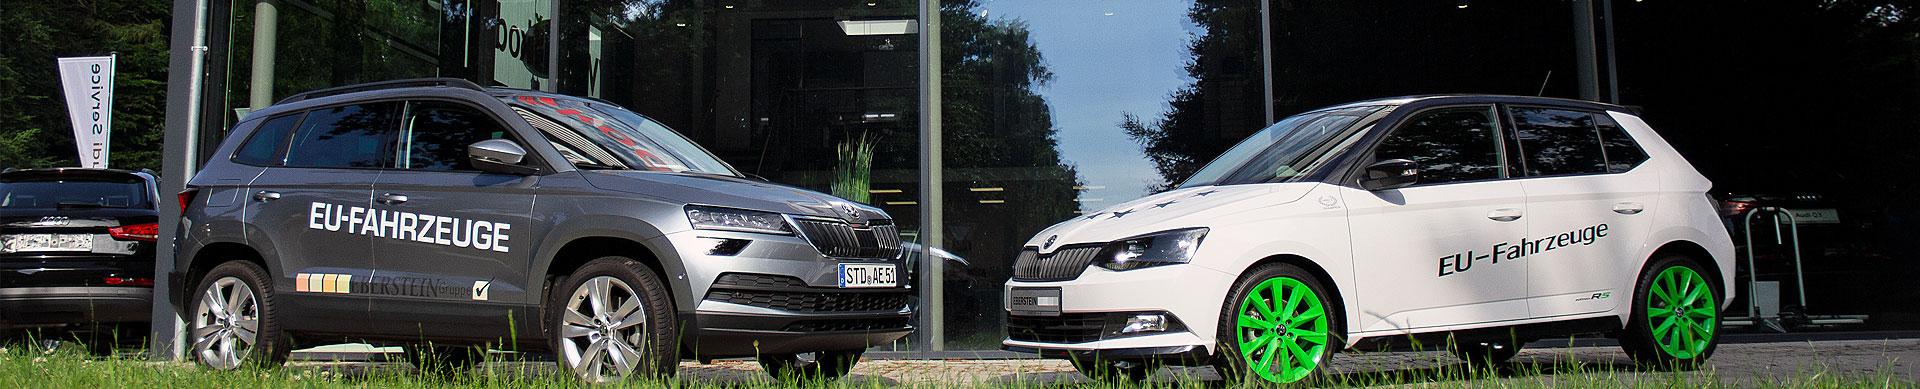 EU-Fahrzeuge